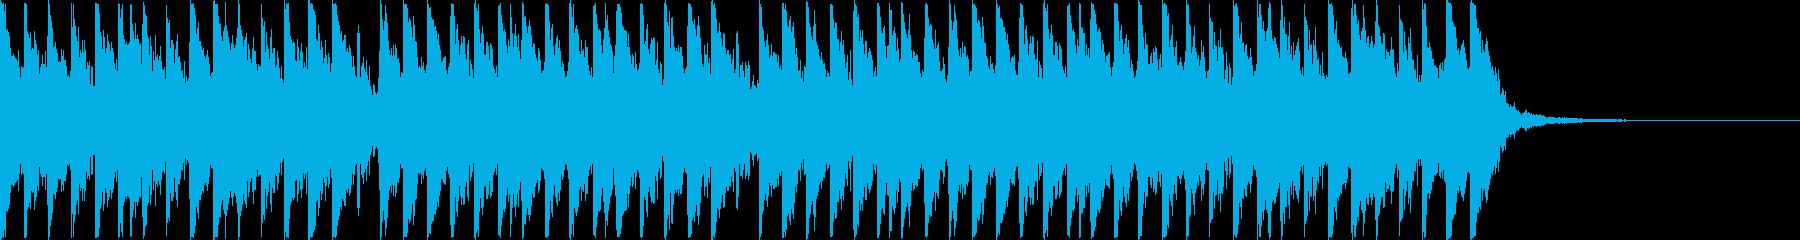 忍者!江戸!三味線!15秒!の再生済みの波形